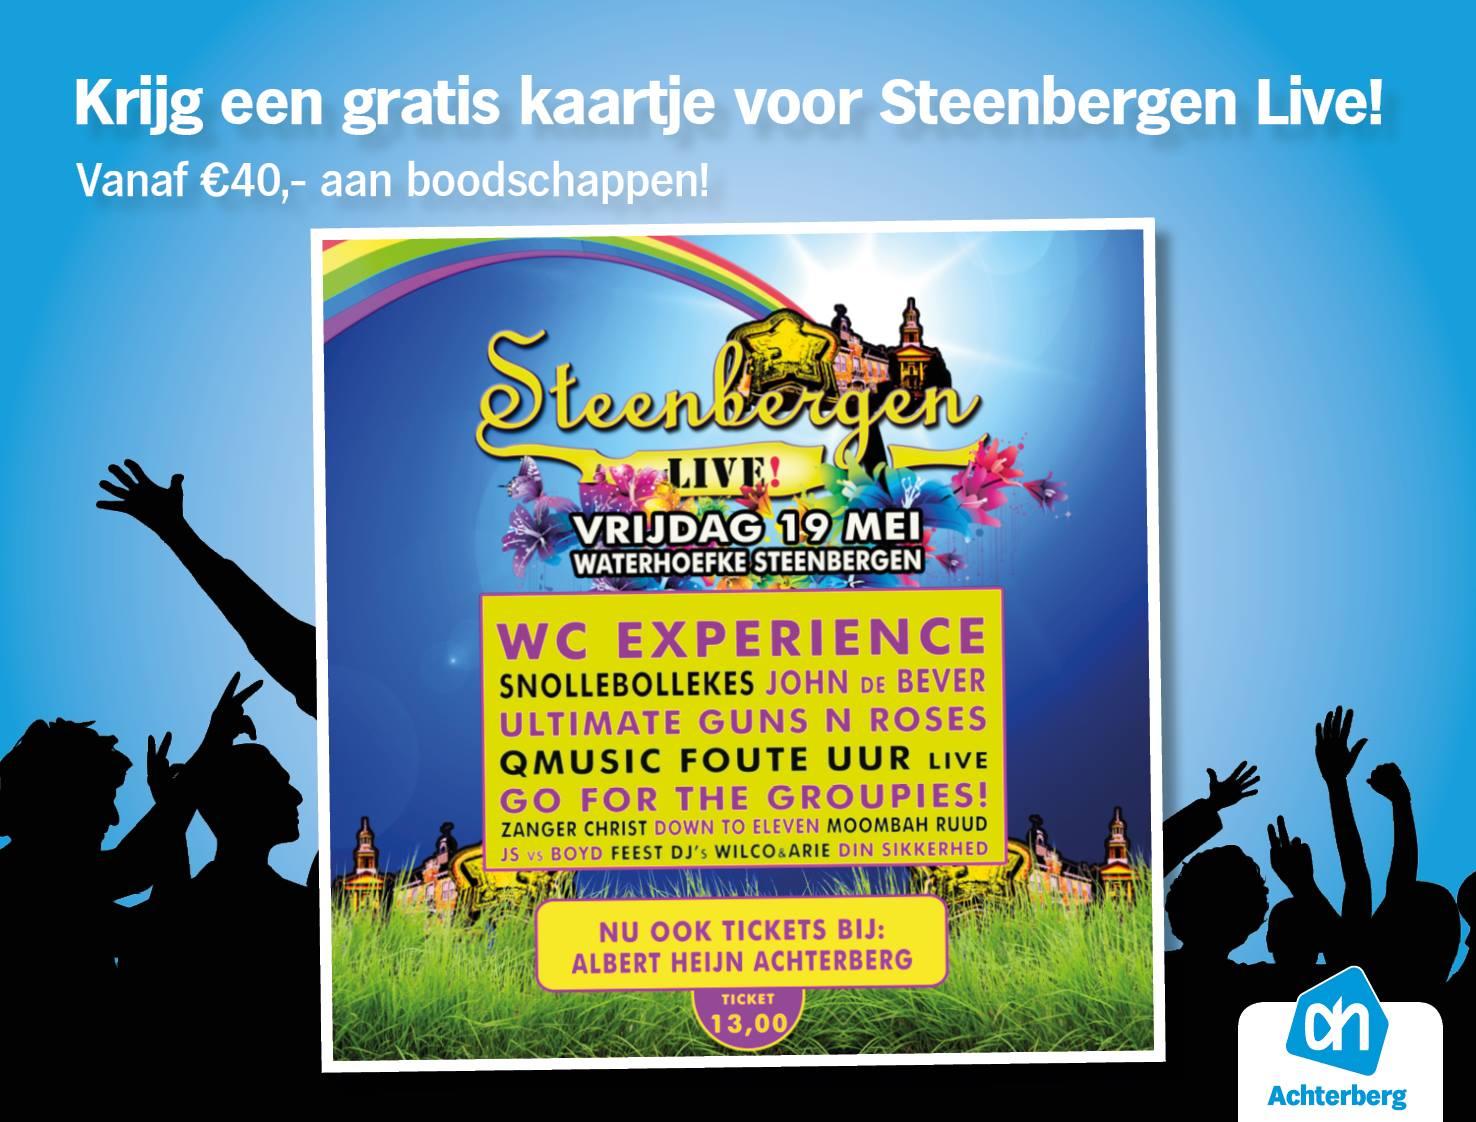 Gratis kaartje voor Steenbergen Live!